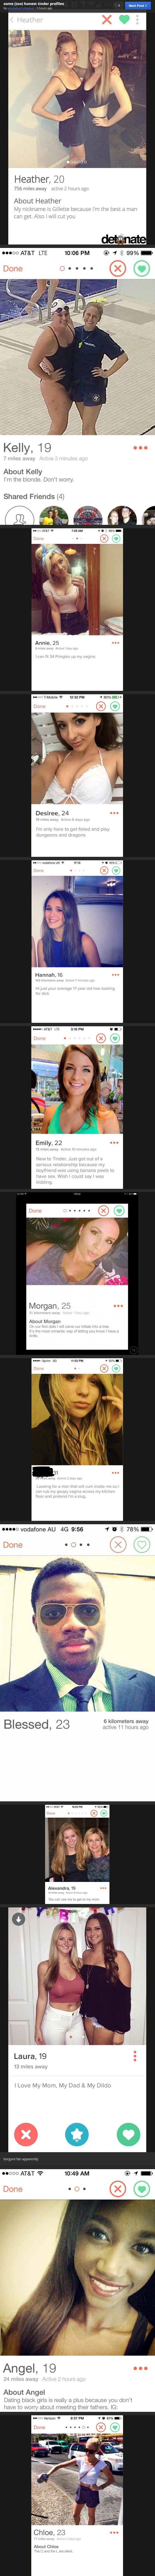 Some All Too Honest Tinder Profiles http://ibeebz.com